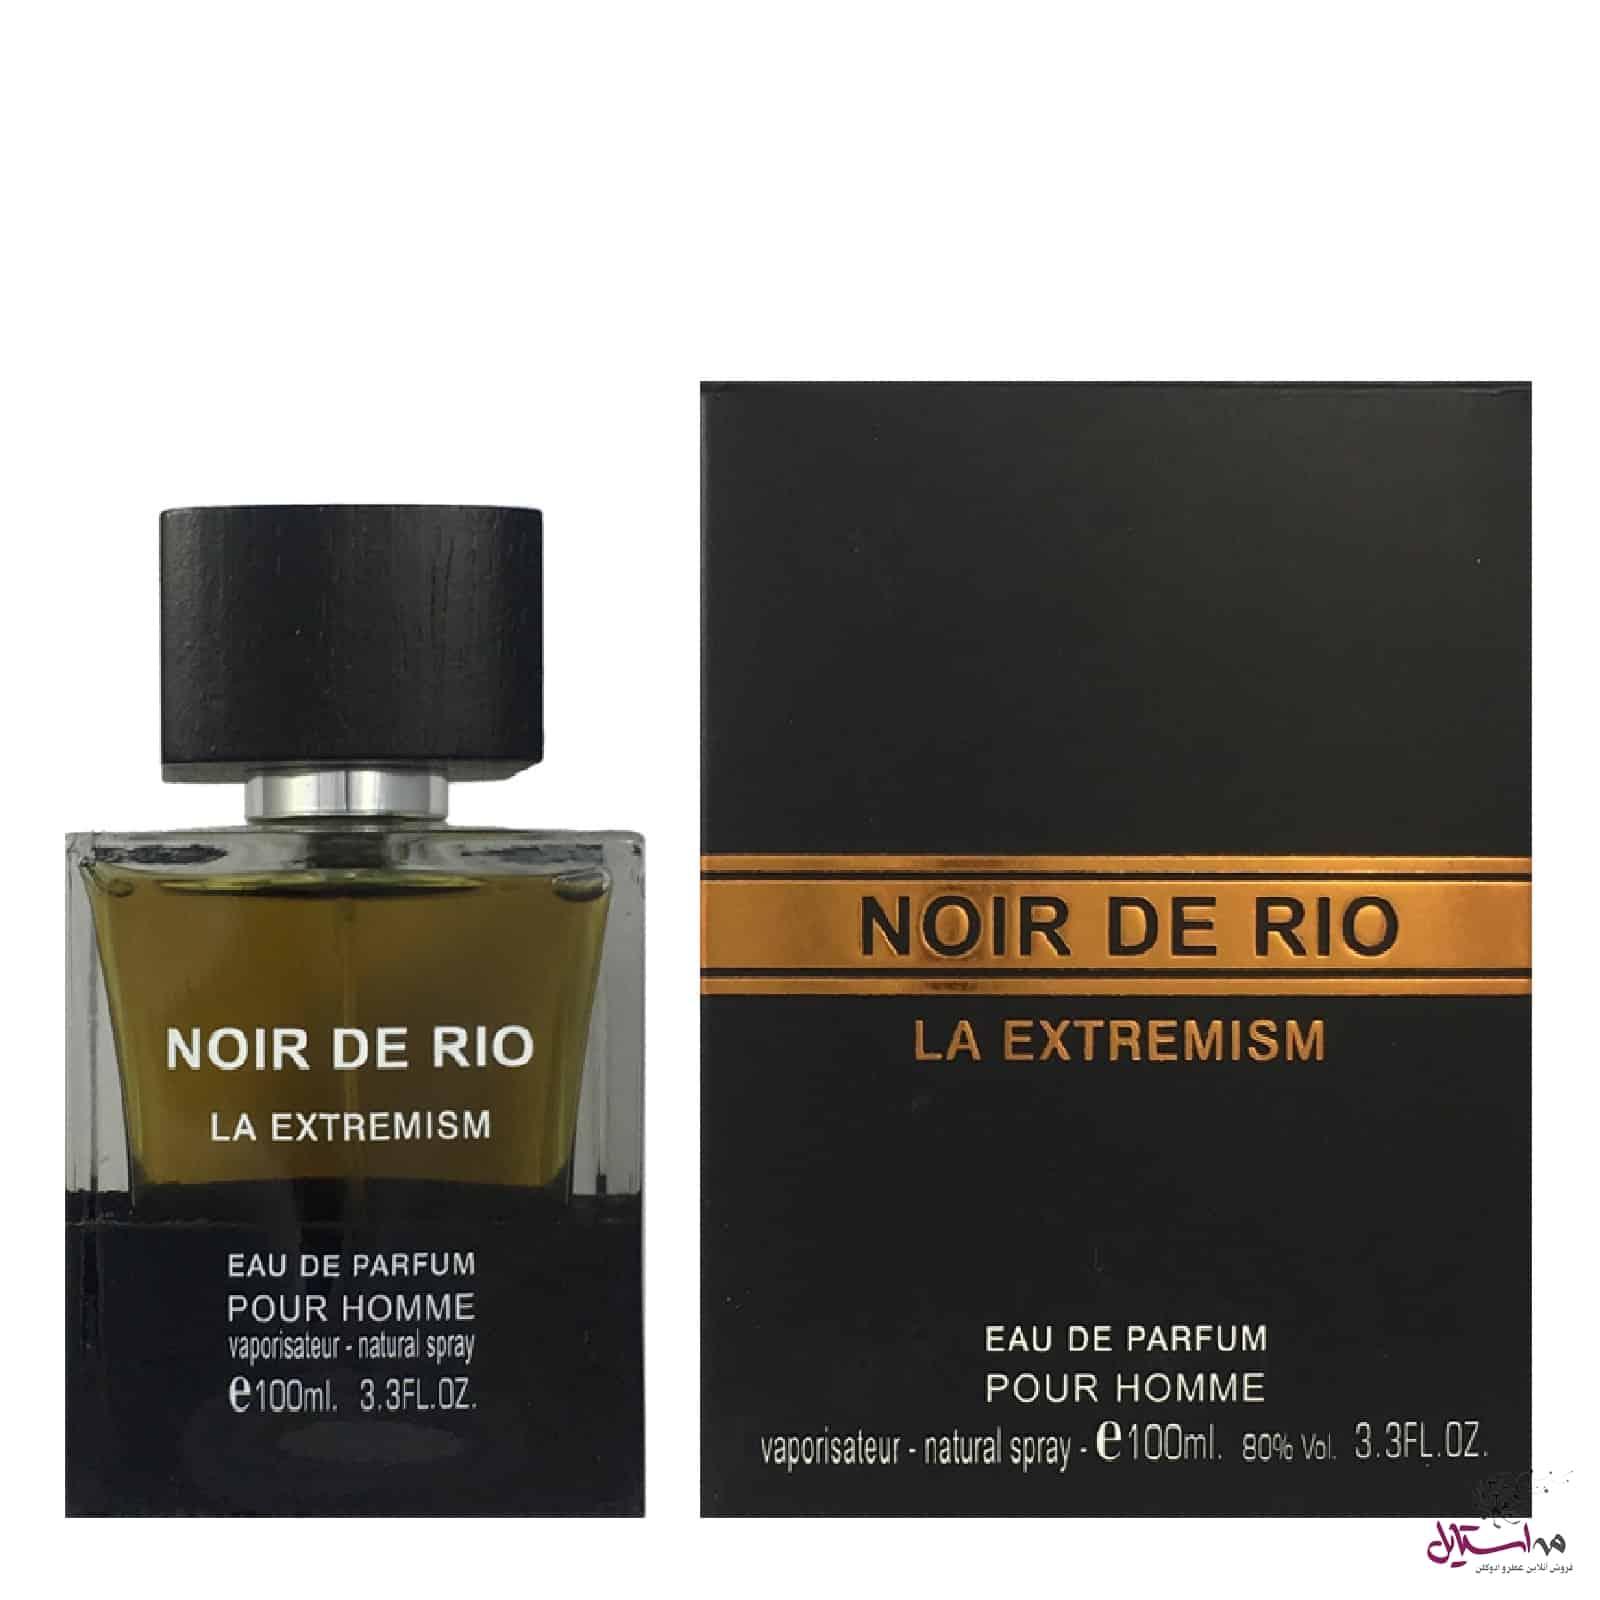 68598 xl f 809 - ادو پرفیوم مردانه ریو کالکشن مدل Rio Noir De Rio La Extremism حجم 100ml